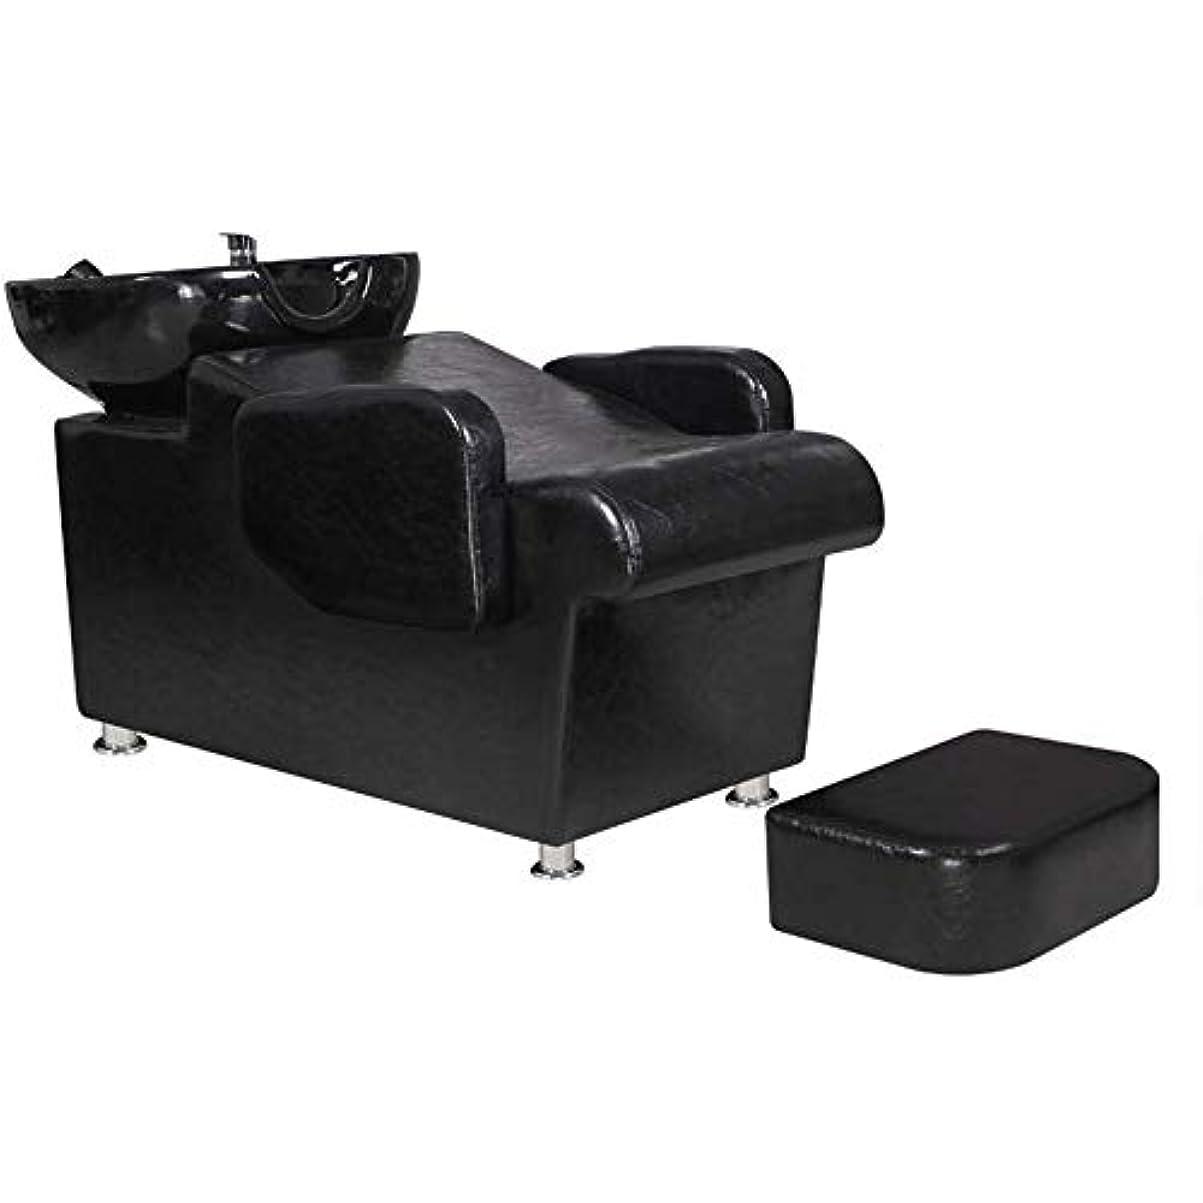 生じる頻繁にサイレンシャンプーバーバー逆洗椅子、 スパビューティーサロンのシャンプーボウルシンク椅子シャンプーチェア